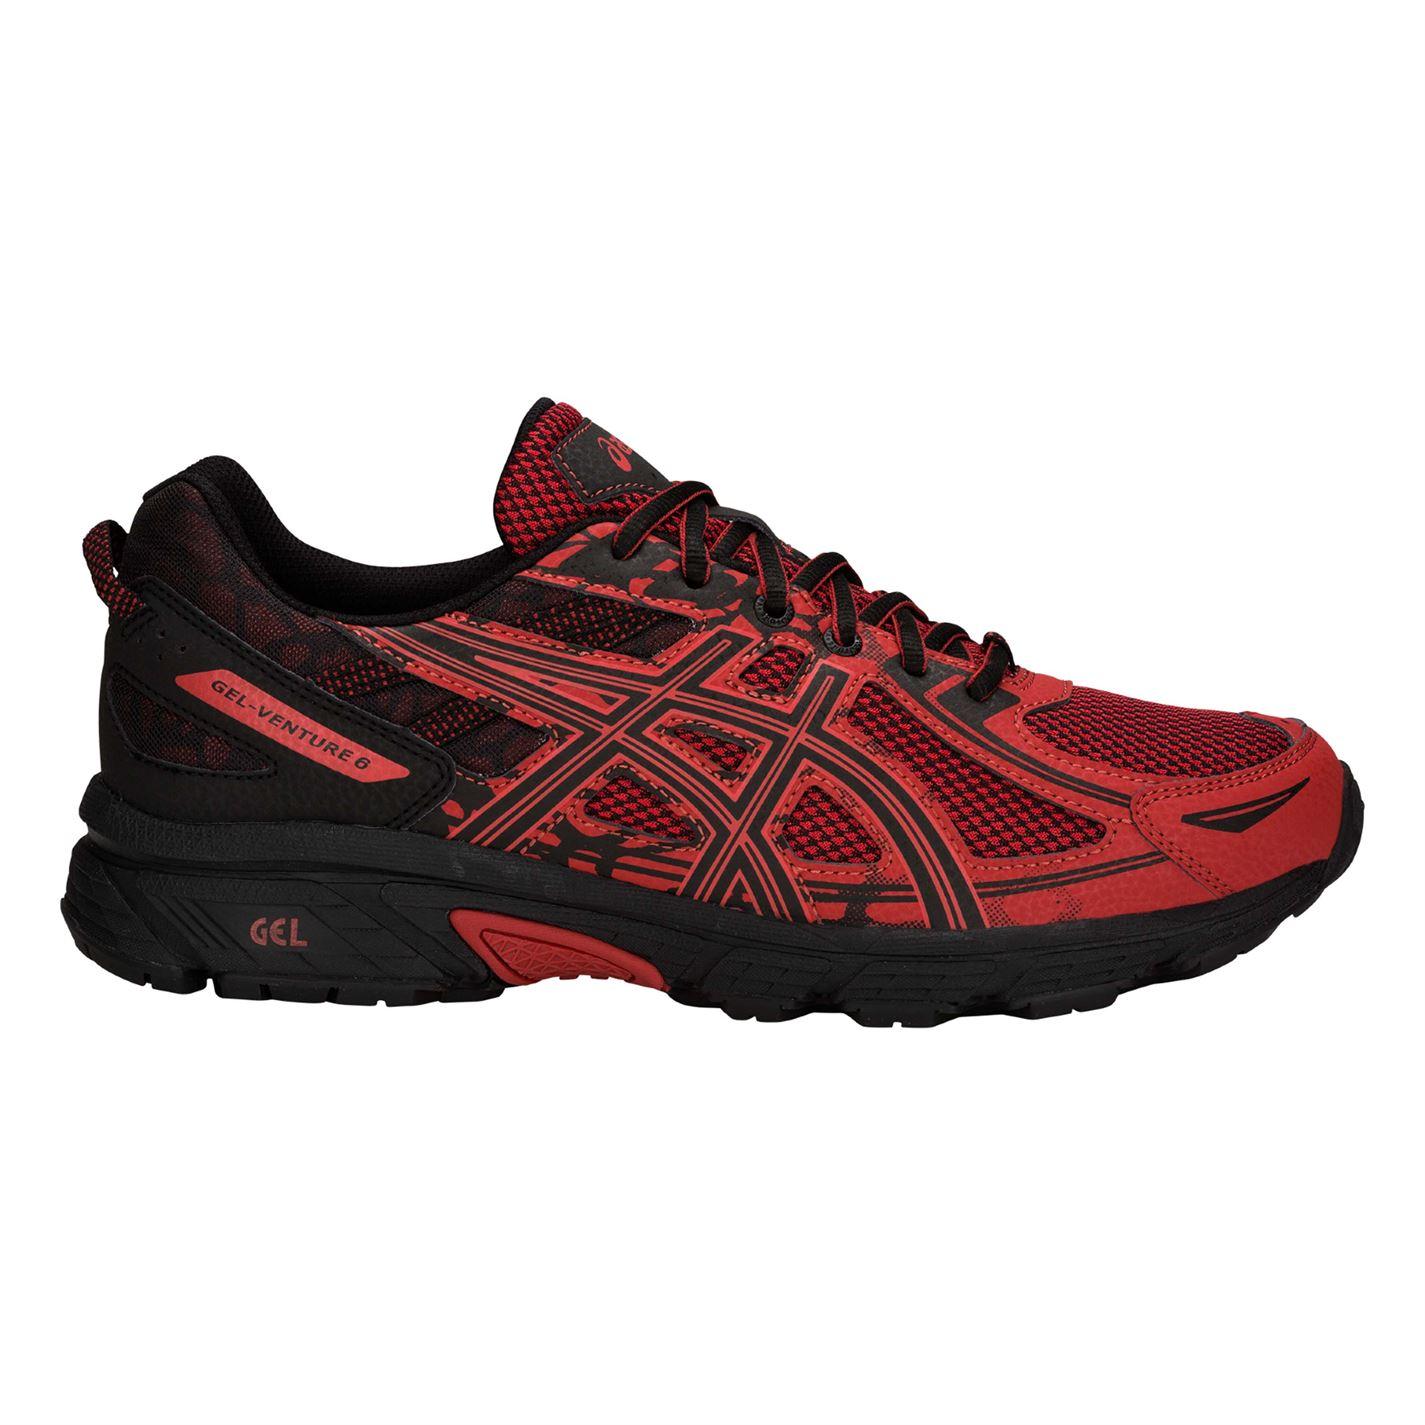 Asics GEL Venture 6 pánske bežecké topánky